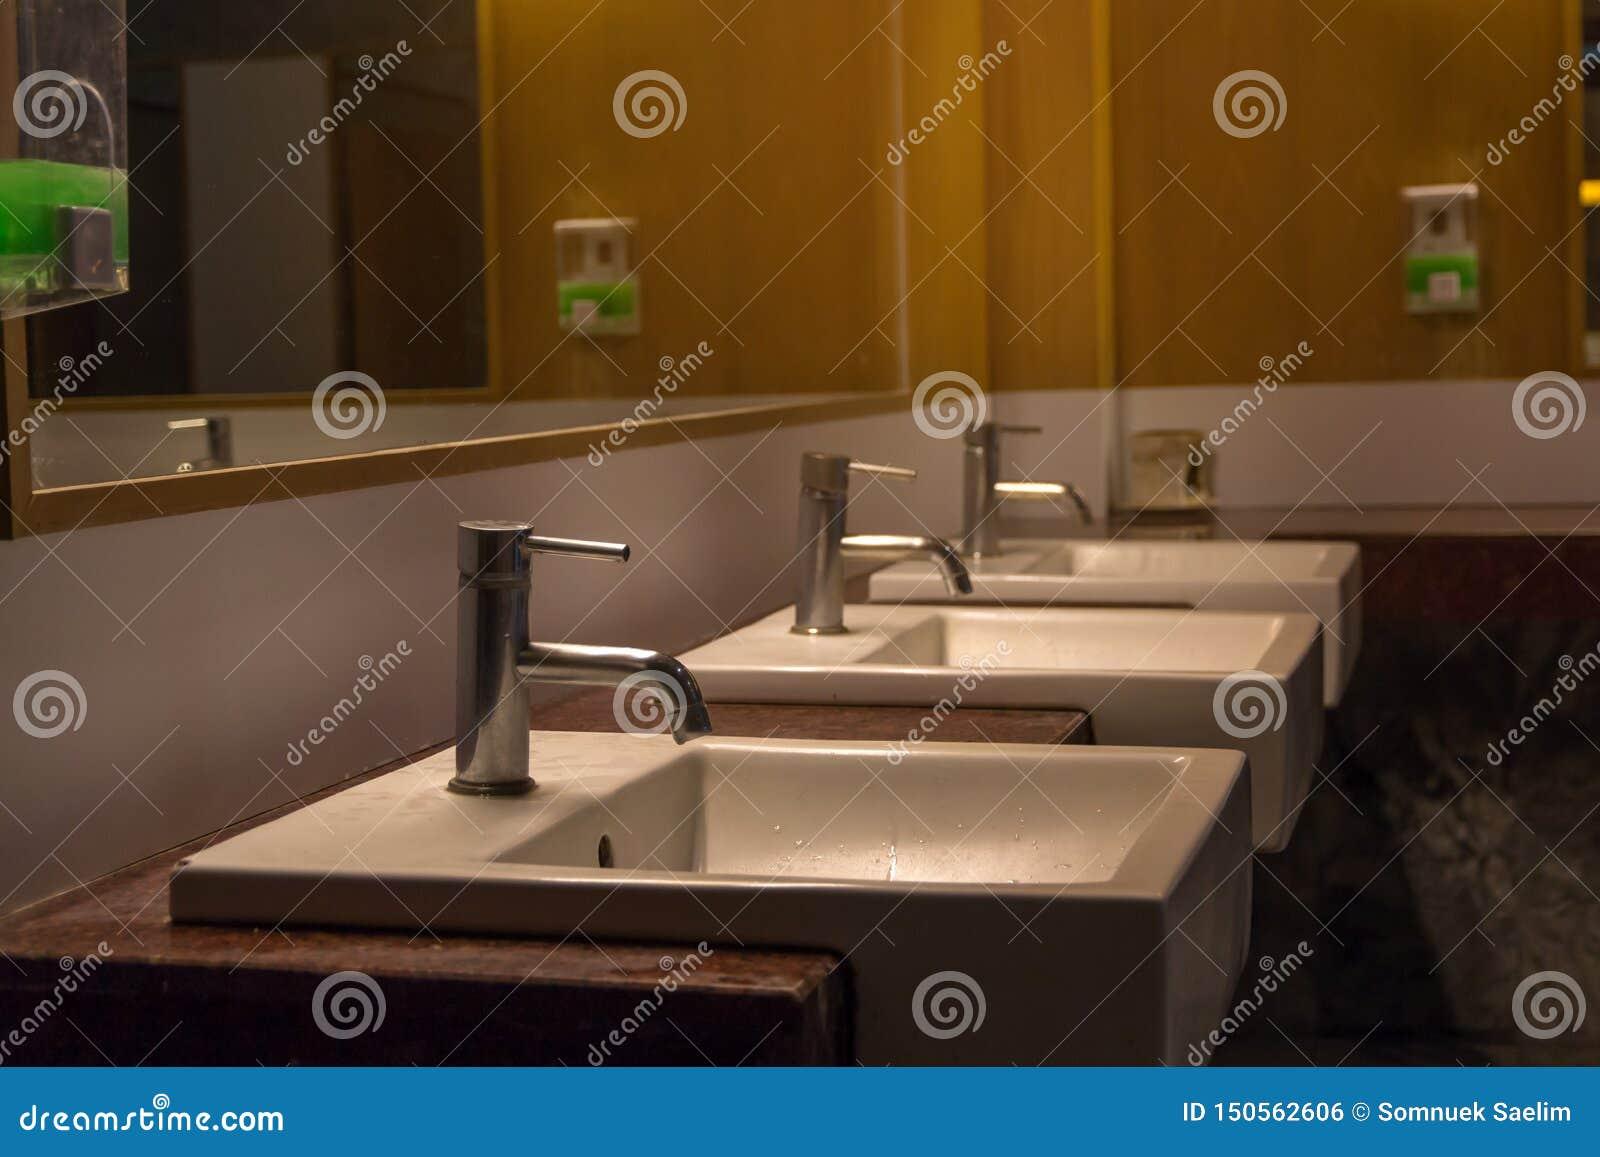 Fila blanca del cuenco de lavado en el interior moderno del lavabo, fondo del lavabo